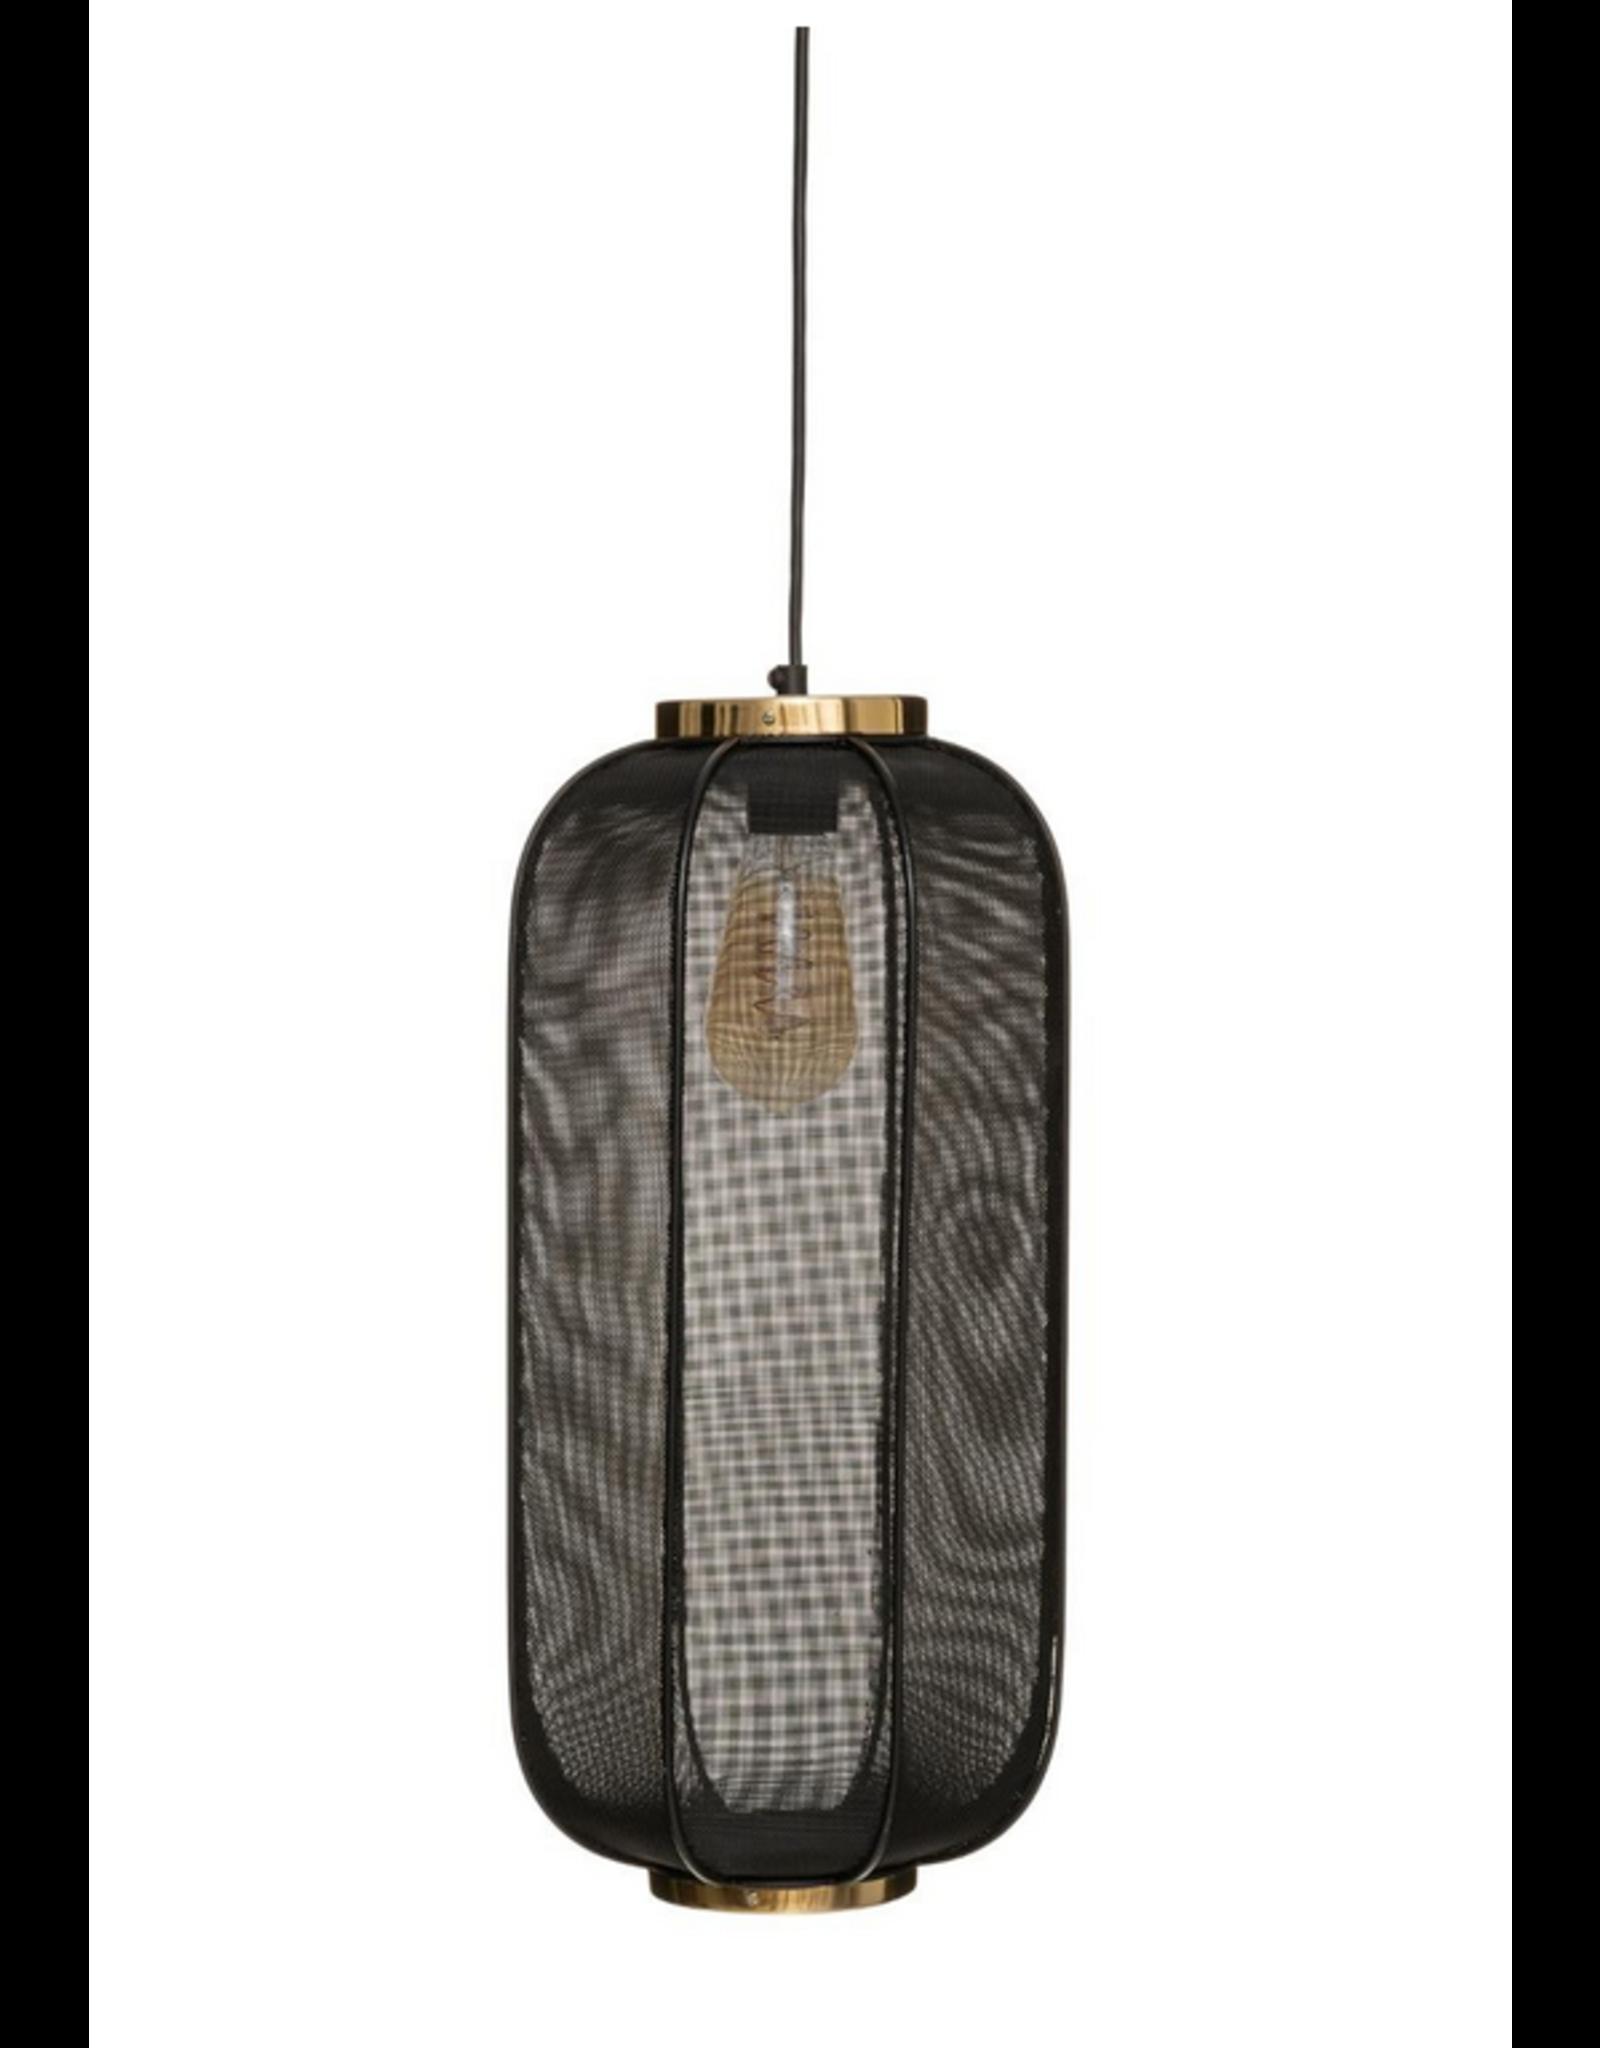 LOFT030 Hanglamp metaal mesh zwart met goud accent ø 25cm hoogte 50.5cm